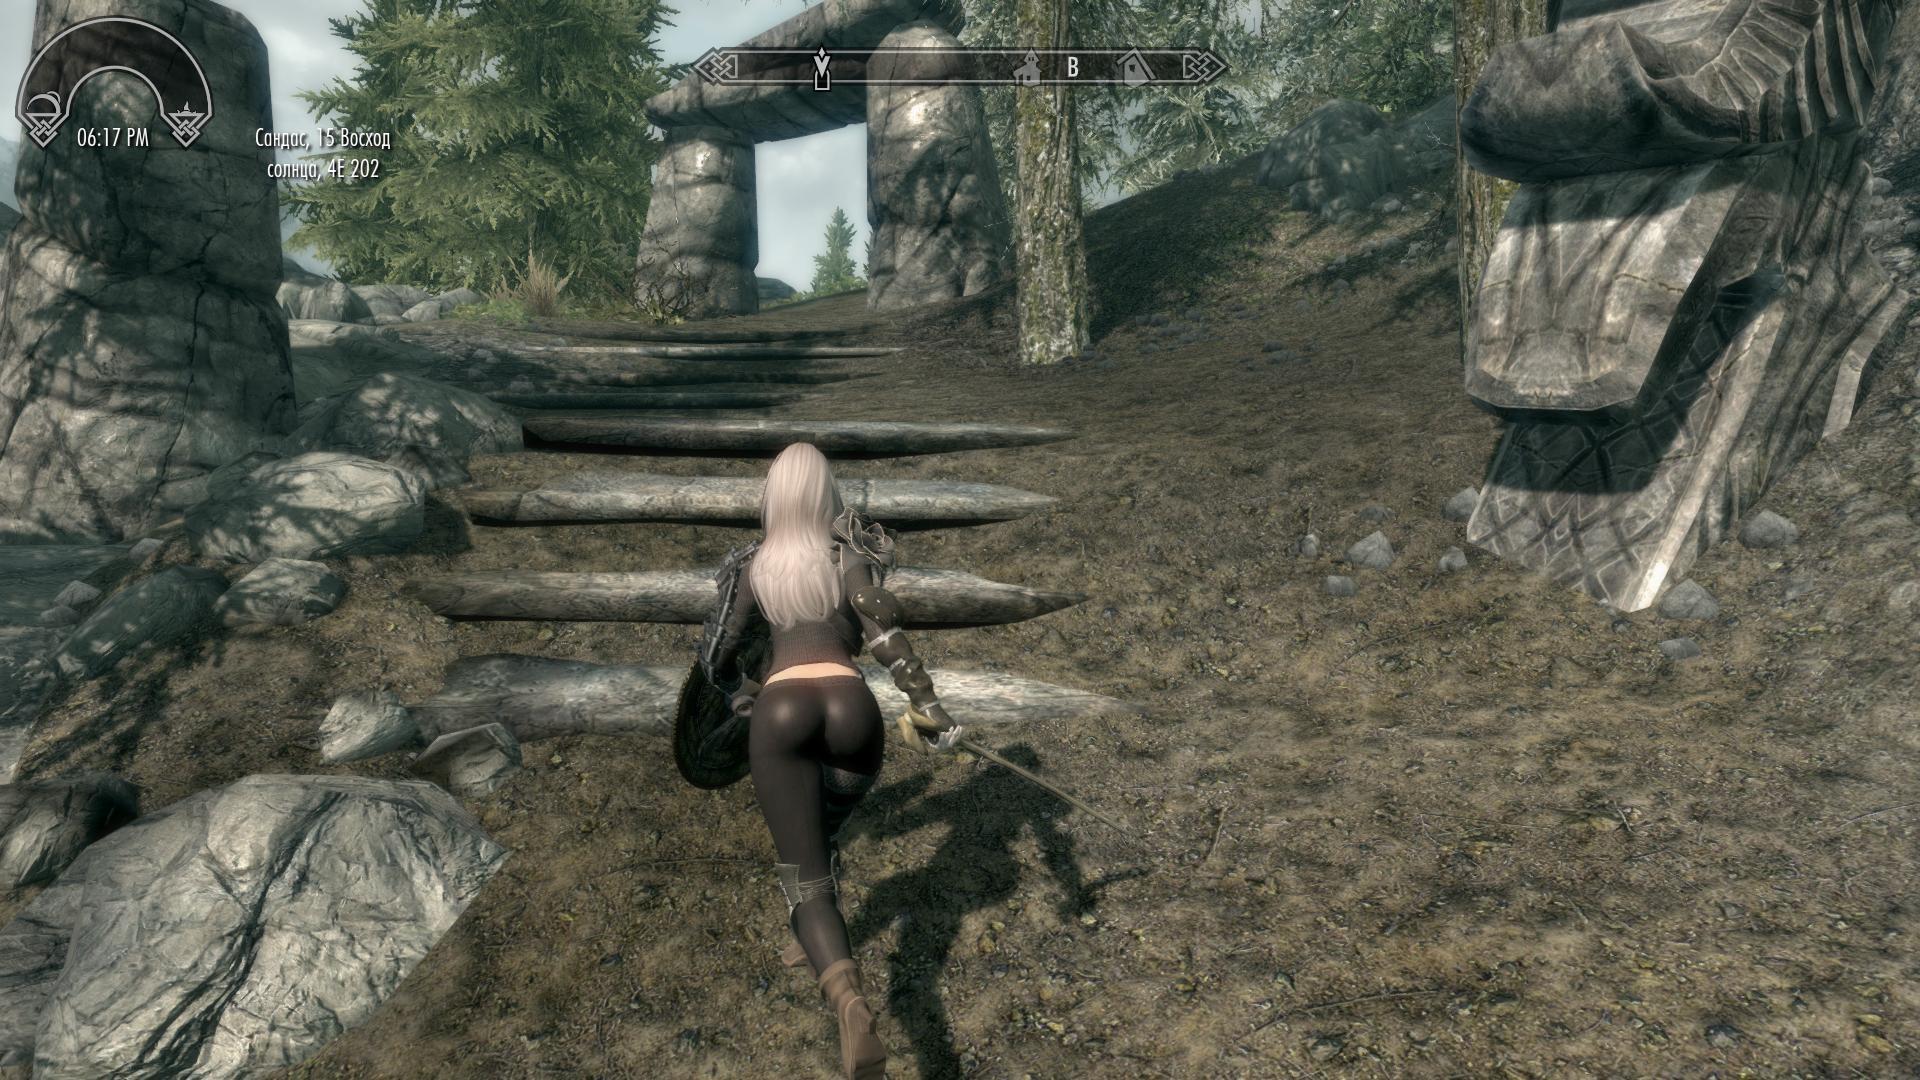 Героиня ракурс 7 - Elder Scrolls 5: Skyrim, the